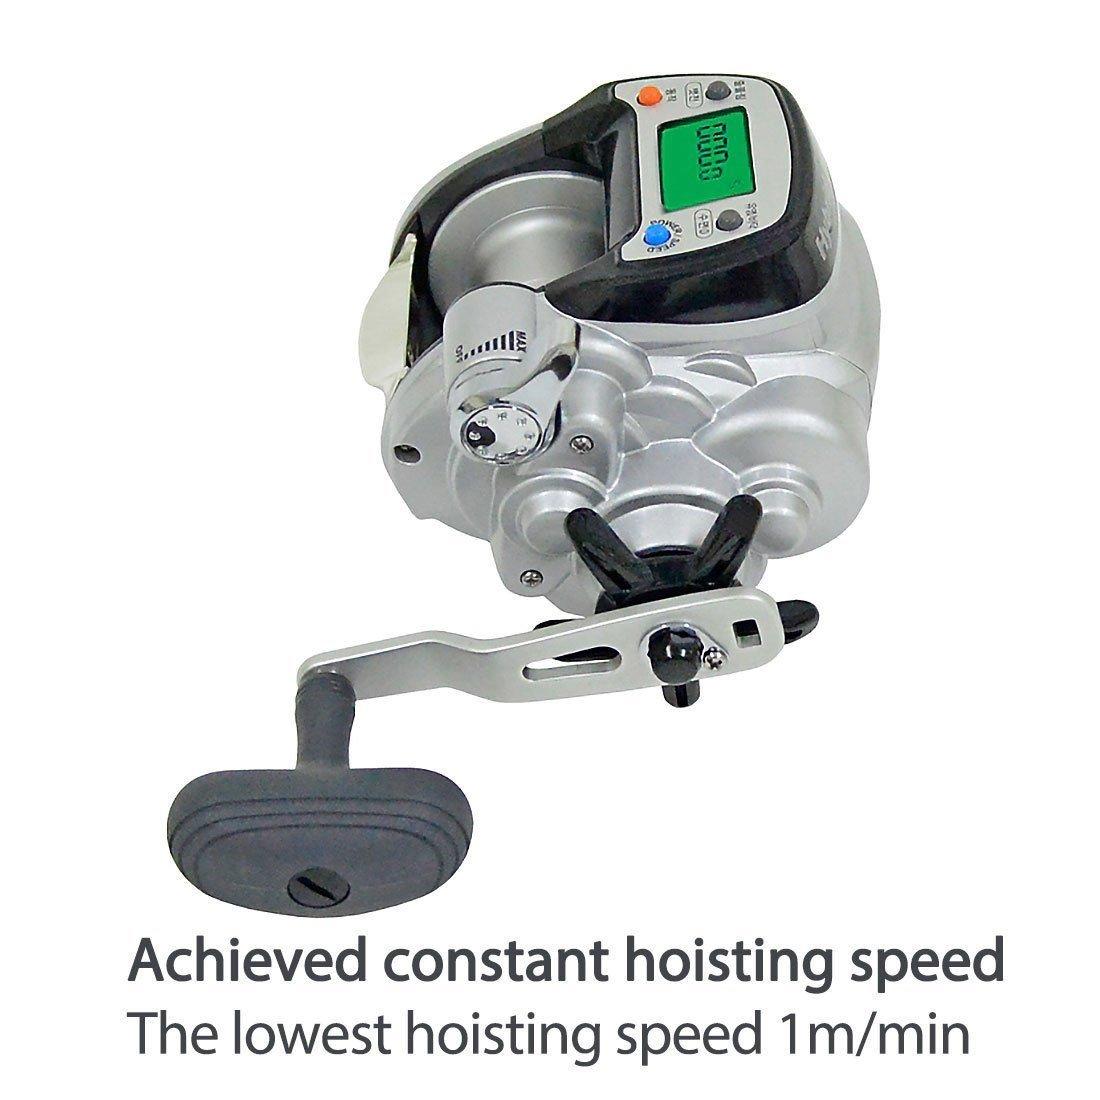 Banax Kaigen 7000pm alta tecnología eléctrico carrete de pesca sistema de motor híbrido - coreano versión: Amazon.es: Deportes y aire libre